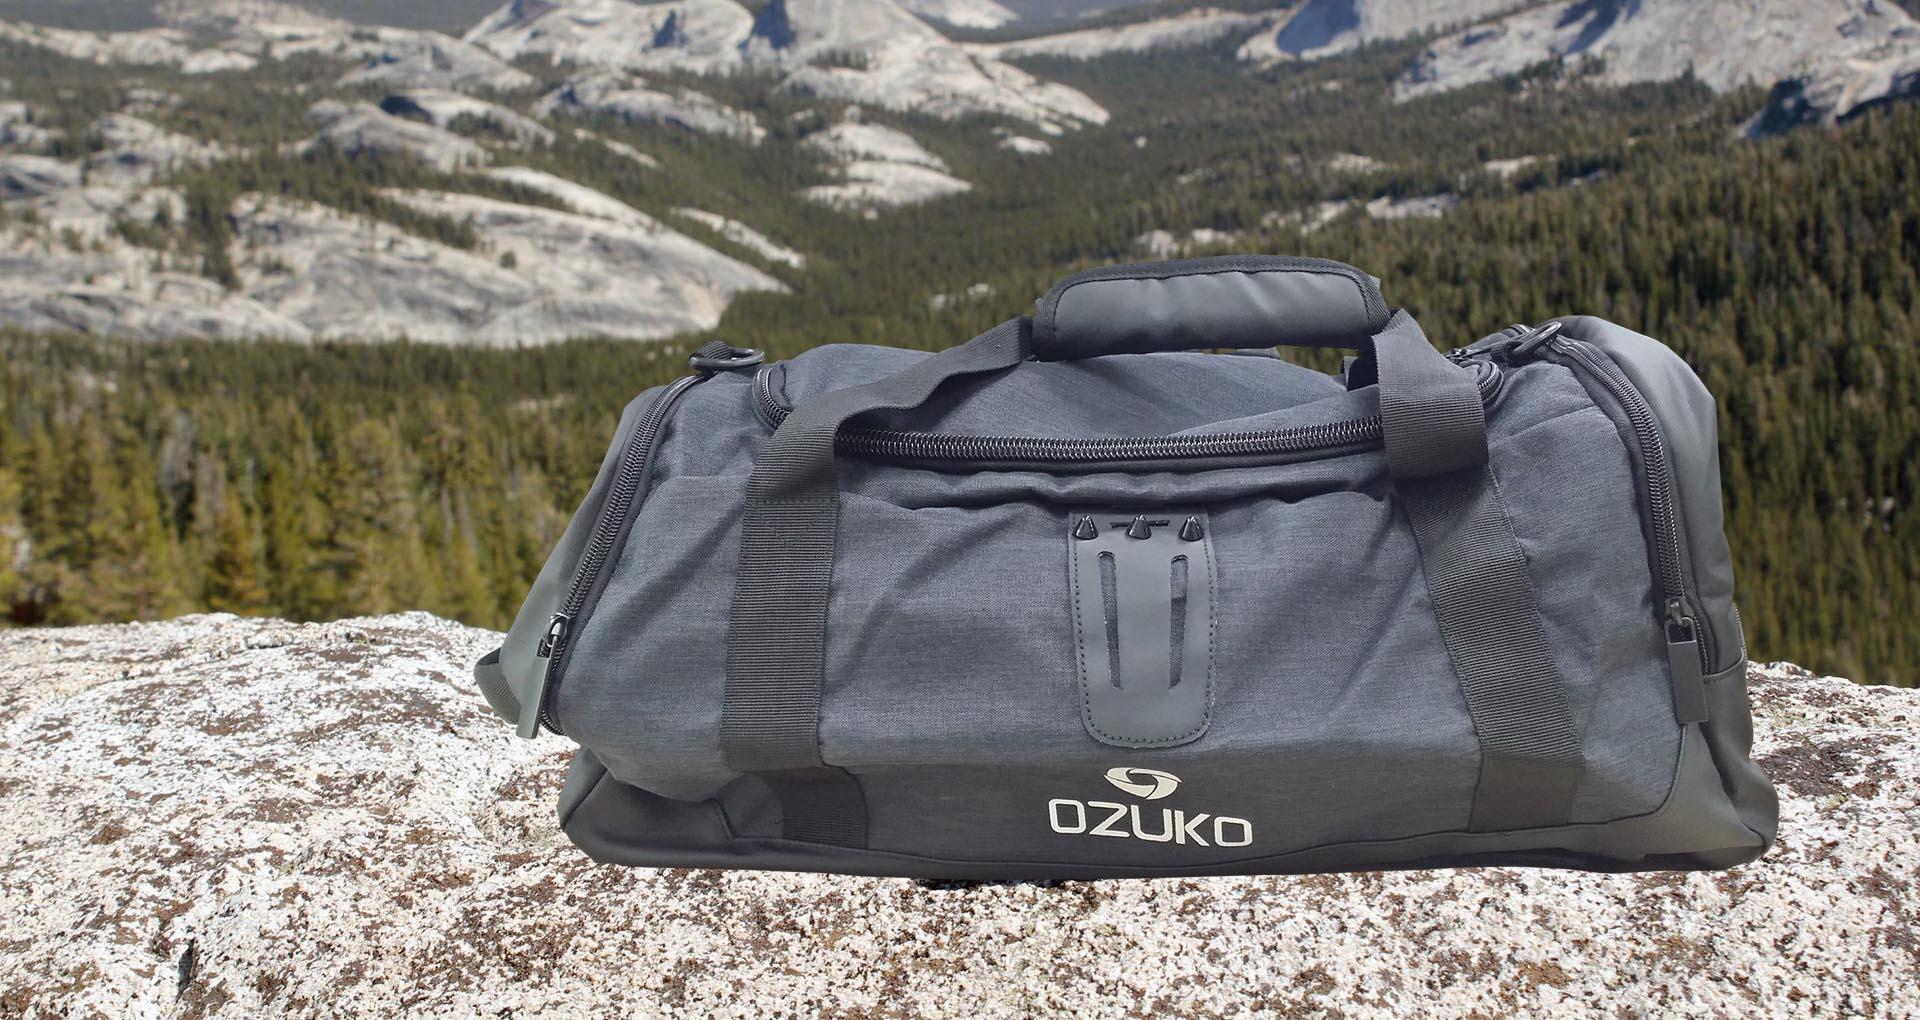 Ozuko 9005